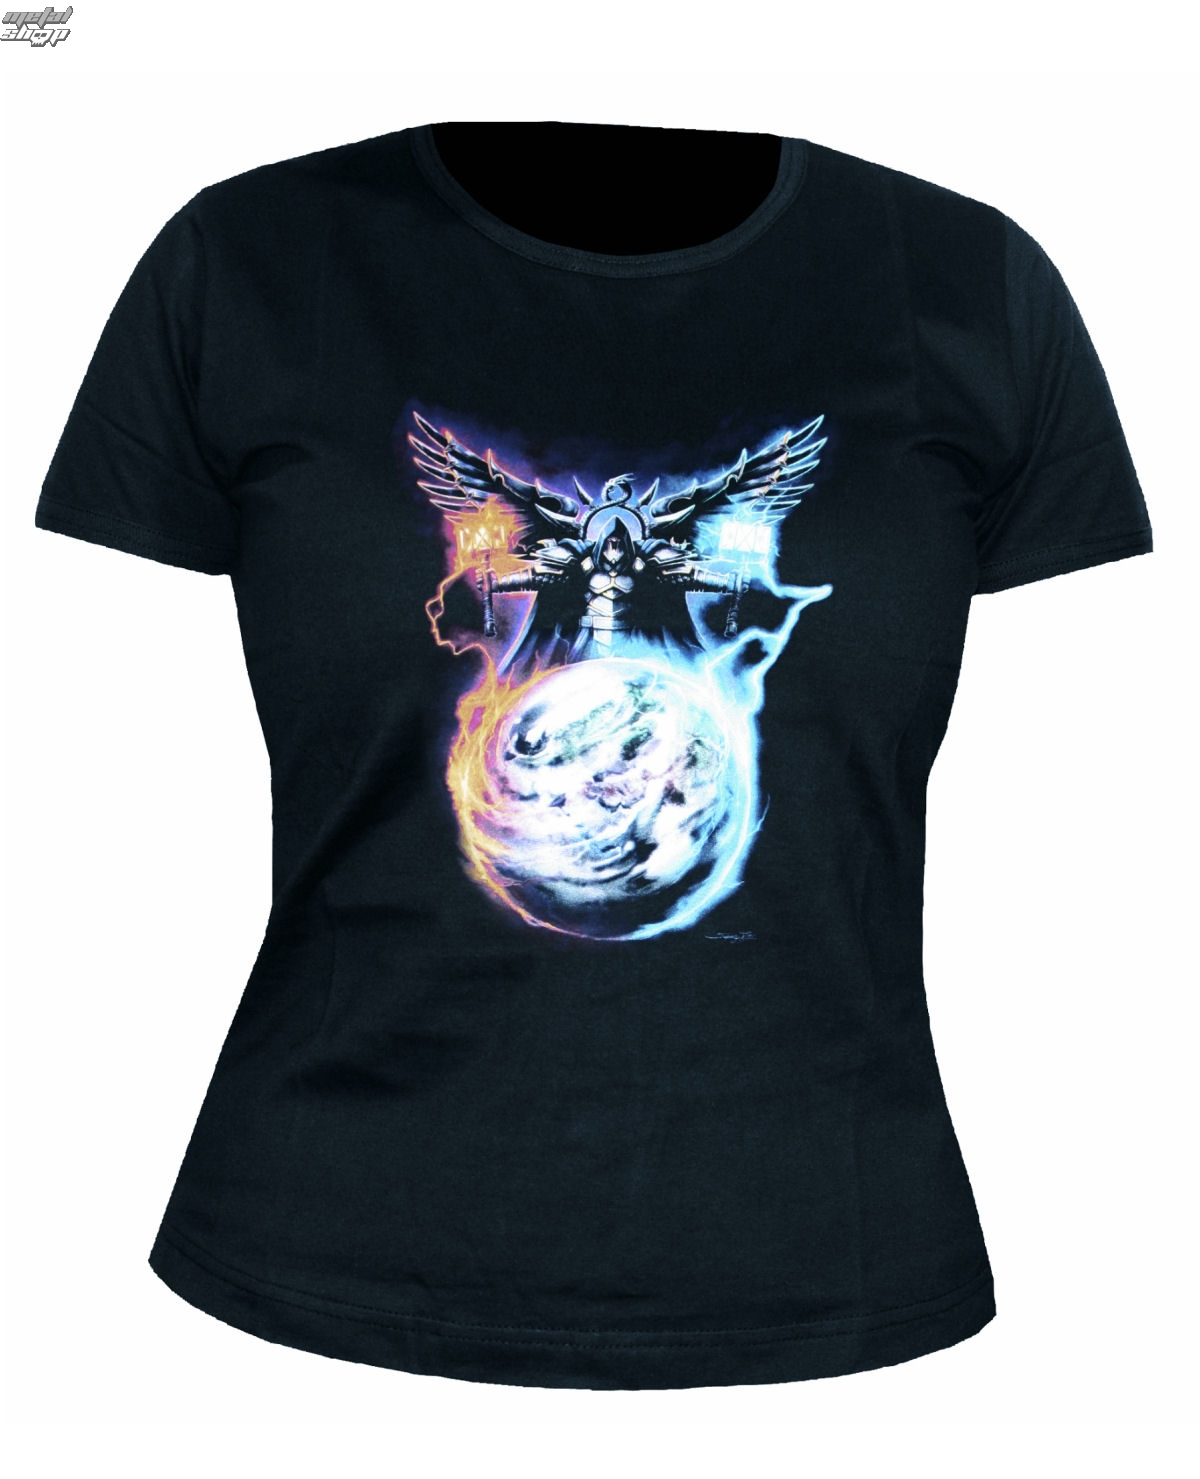 tričko dámské Hammerfall - Any Tour Means Necessary -159238 -  NUCLEAR BLAST